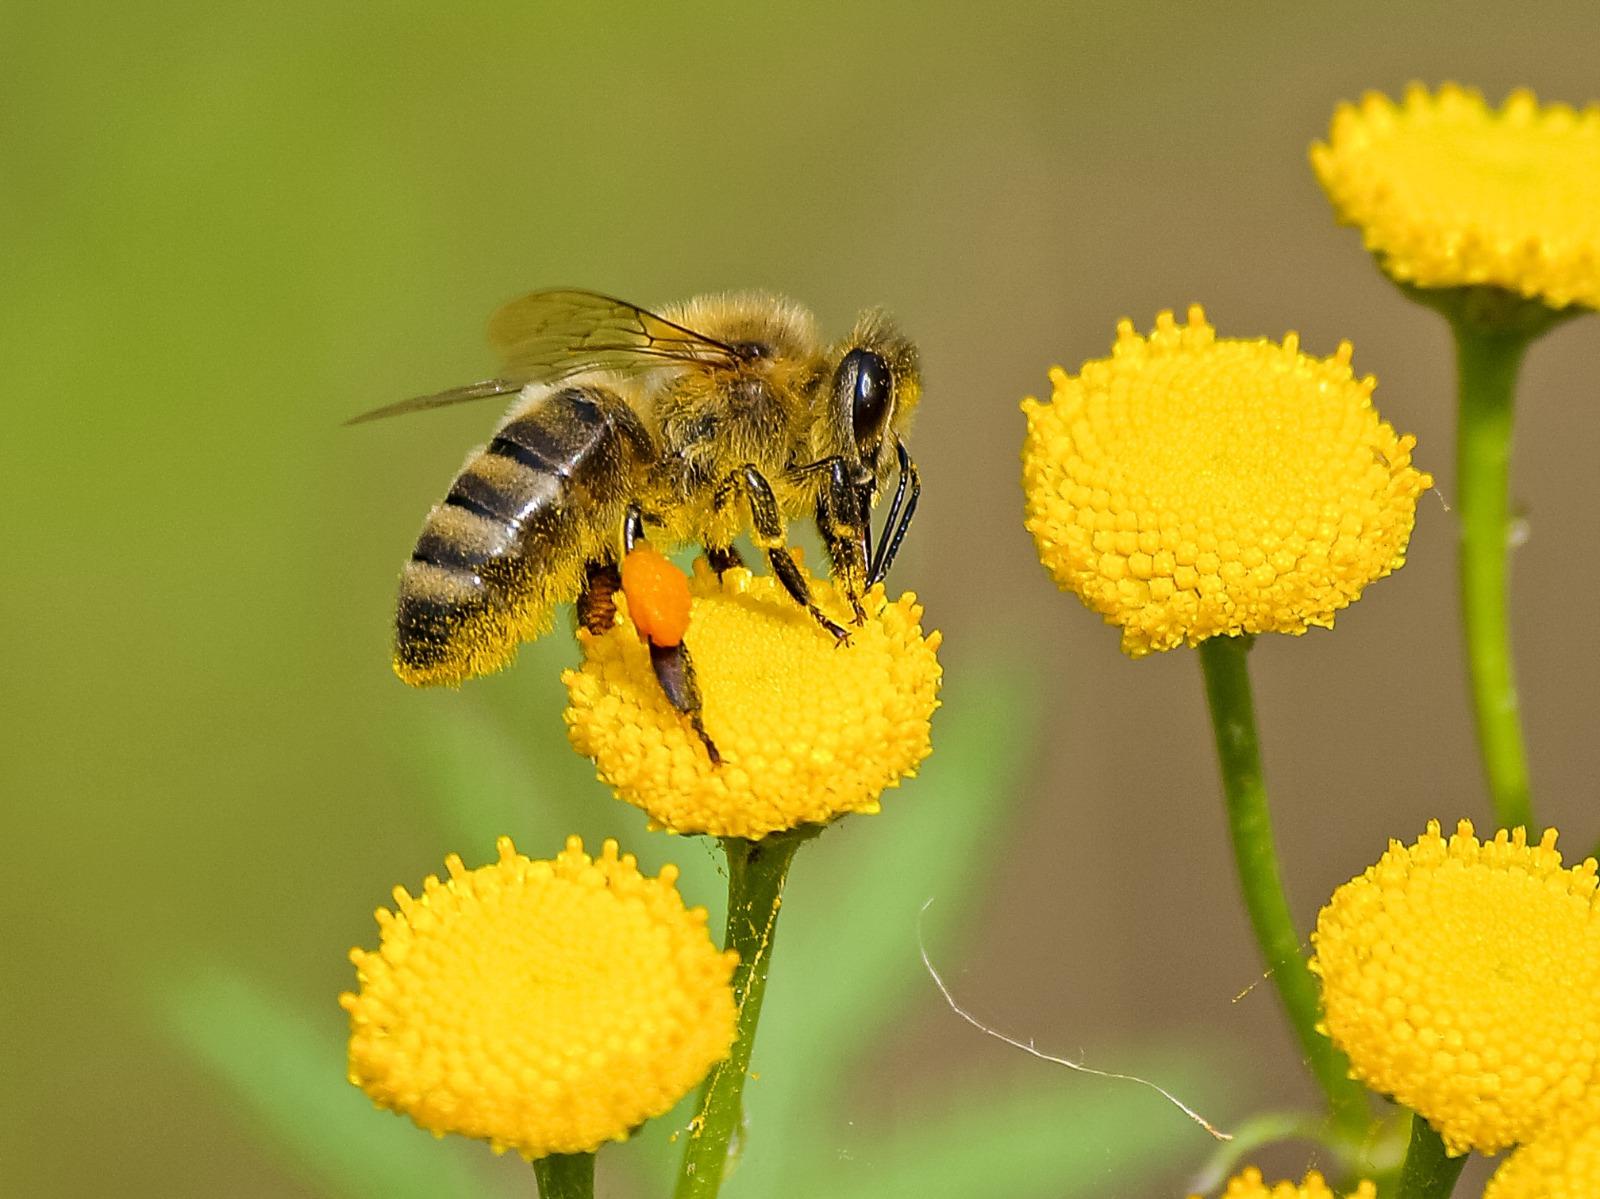 Redescubriendo el papel de las abejas en la agricultura